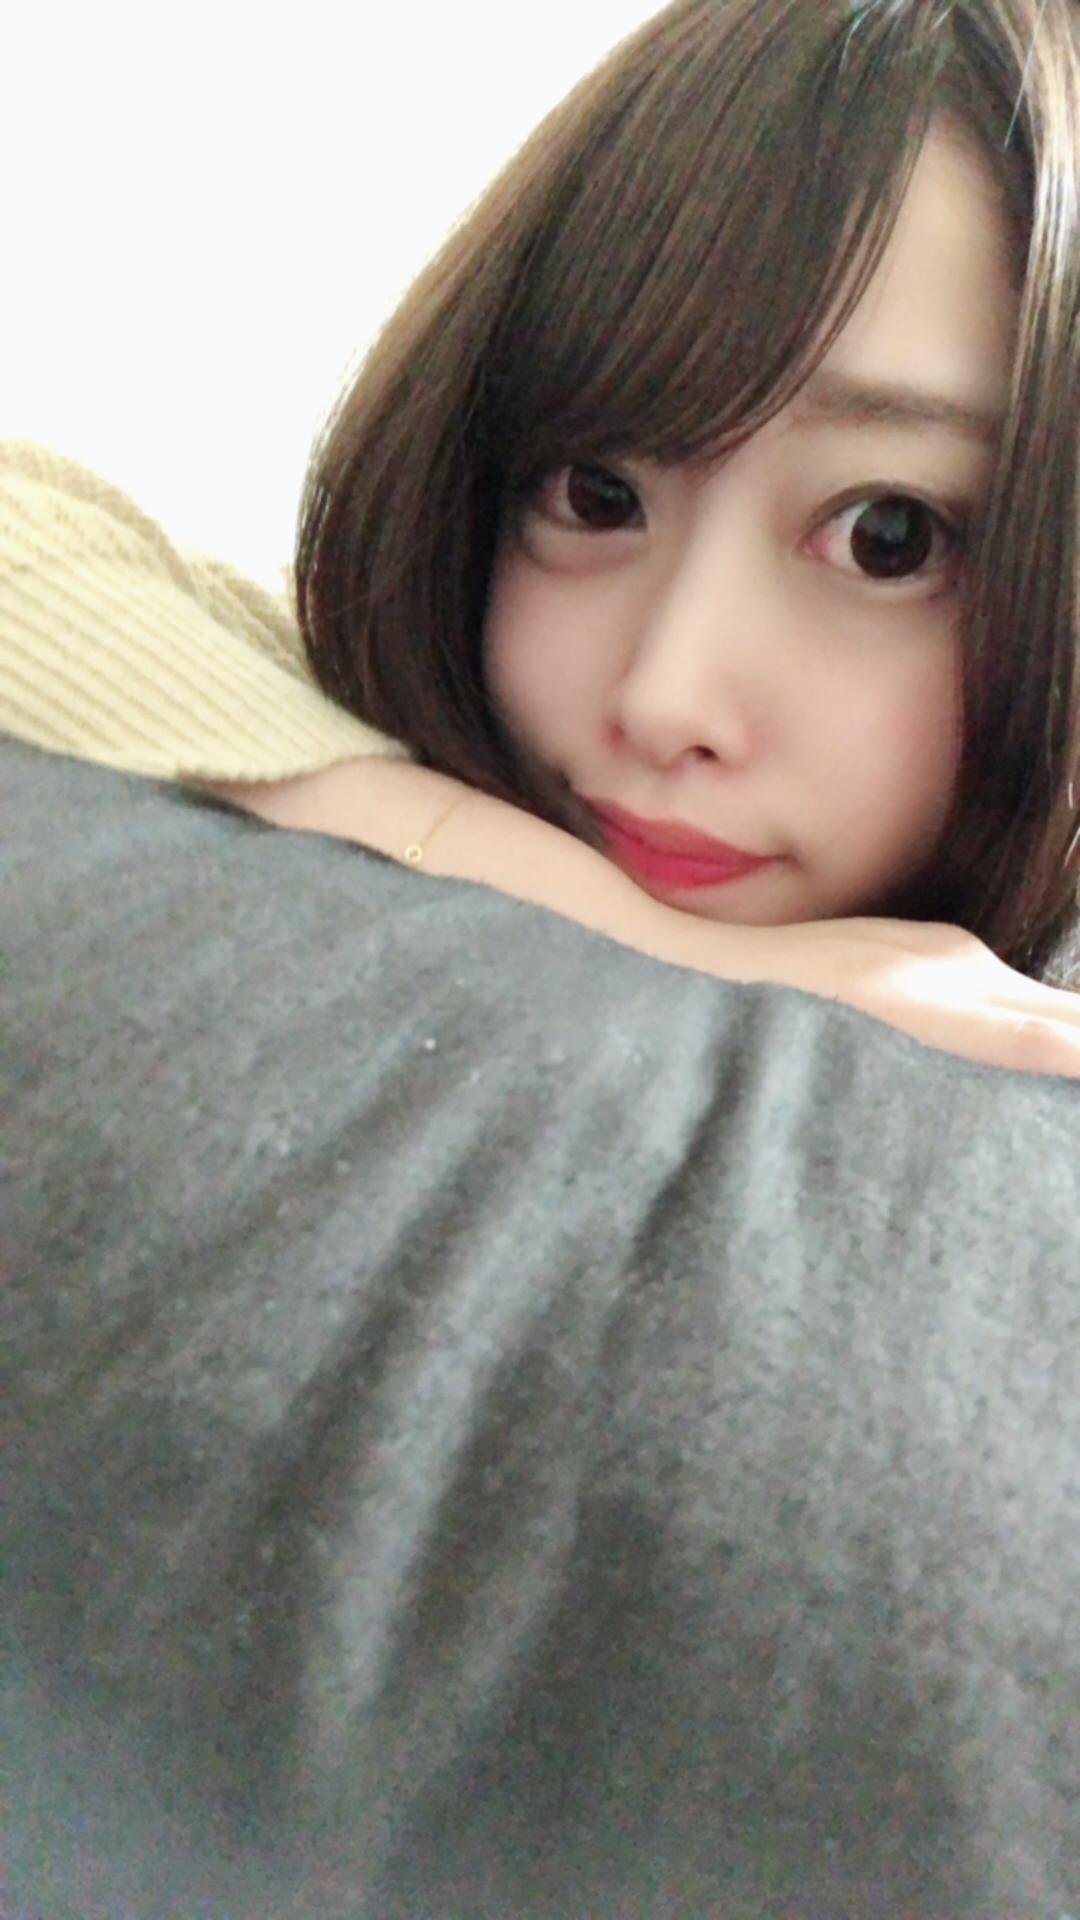 「ありがとう⸜(  ॑꒳ ॑  )⸝」12/13(12/13) 19:55 | あおいの写メ・風俗動画